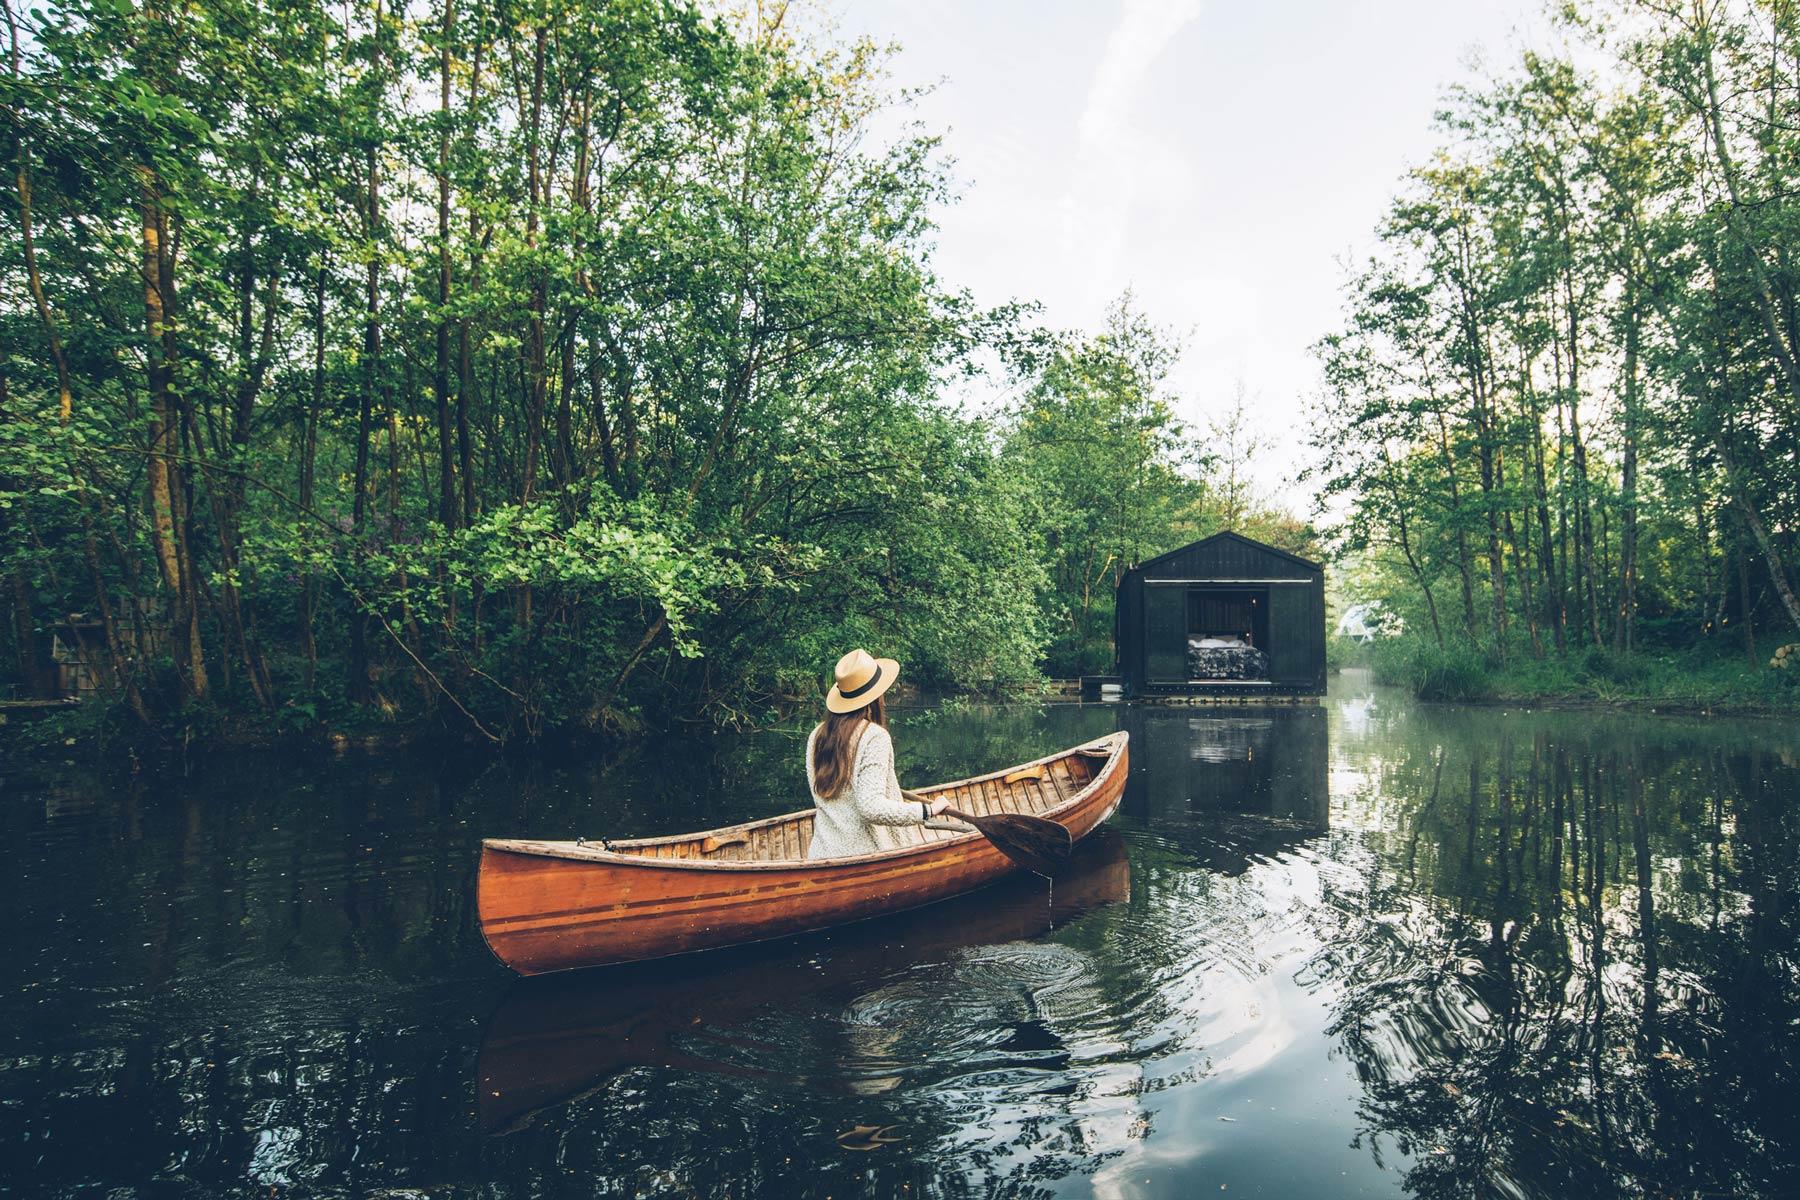 Le Bruit de l'eau, Rivage, Baie de Somme